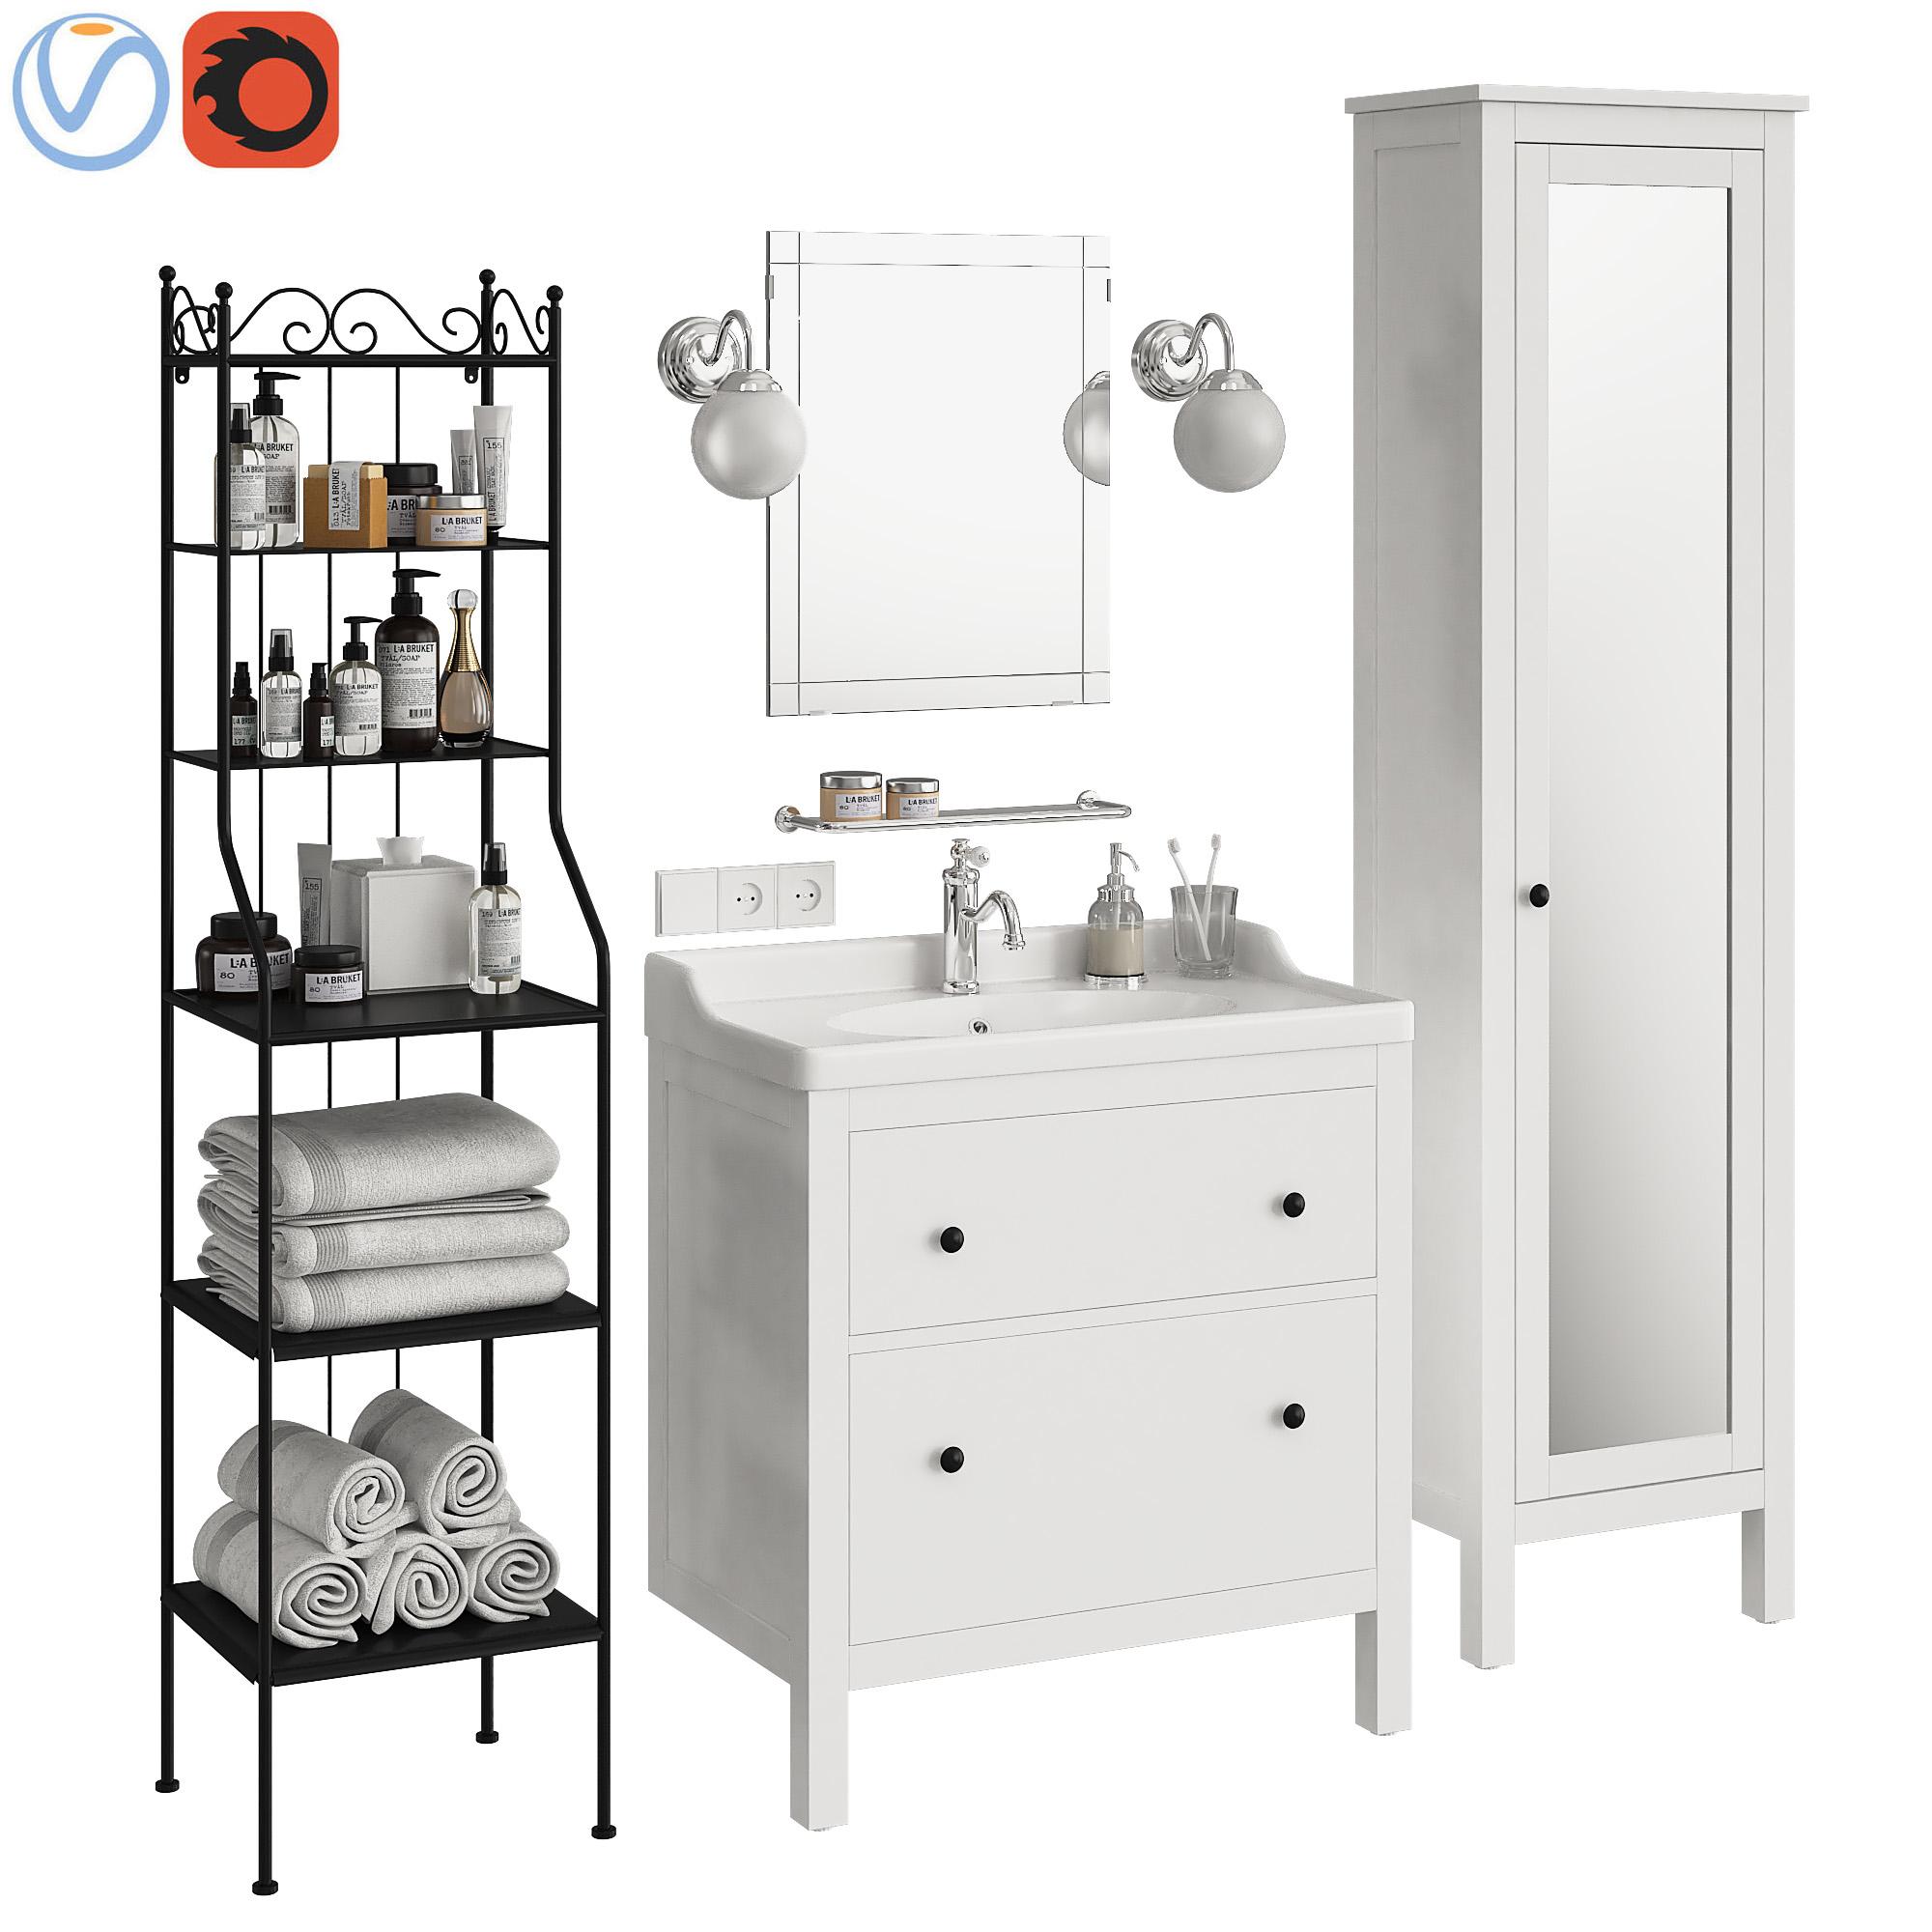 łazienka Ikei Hemnes